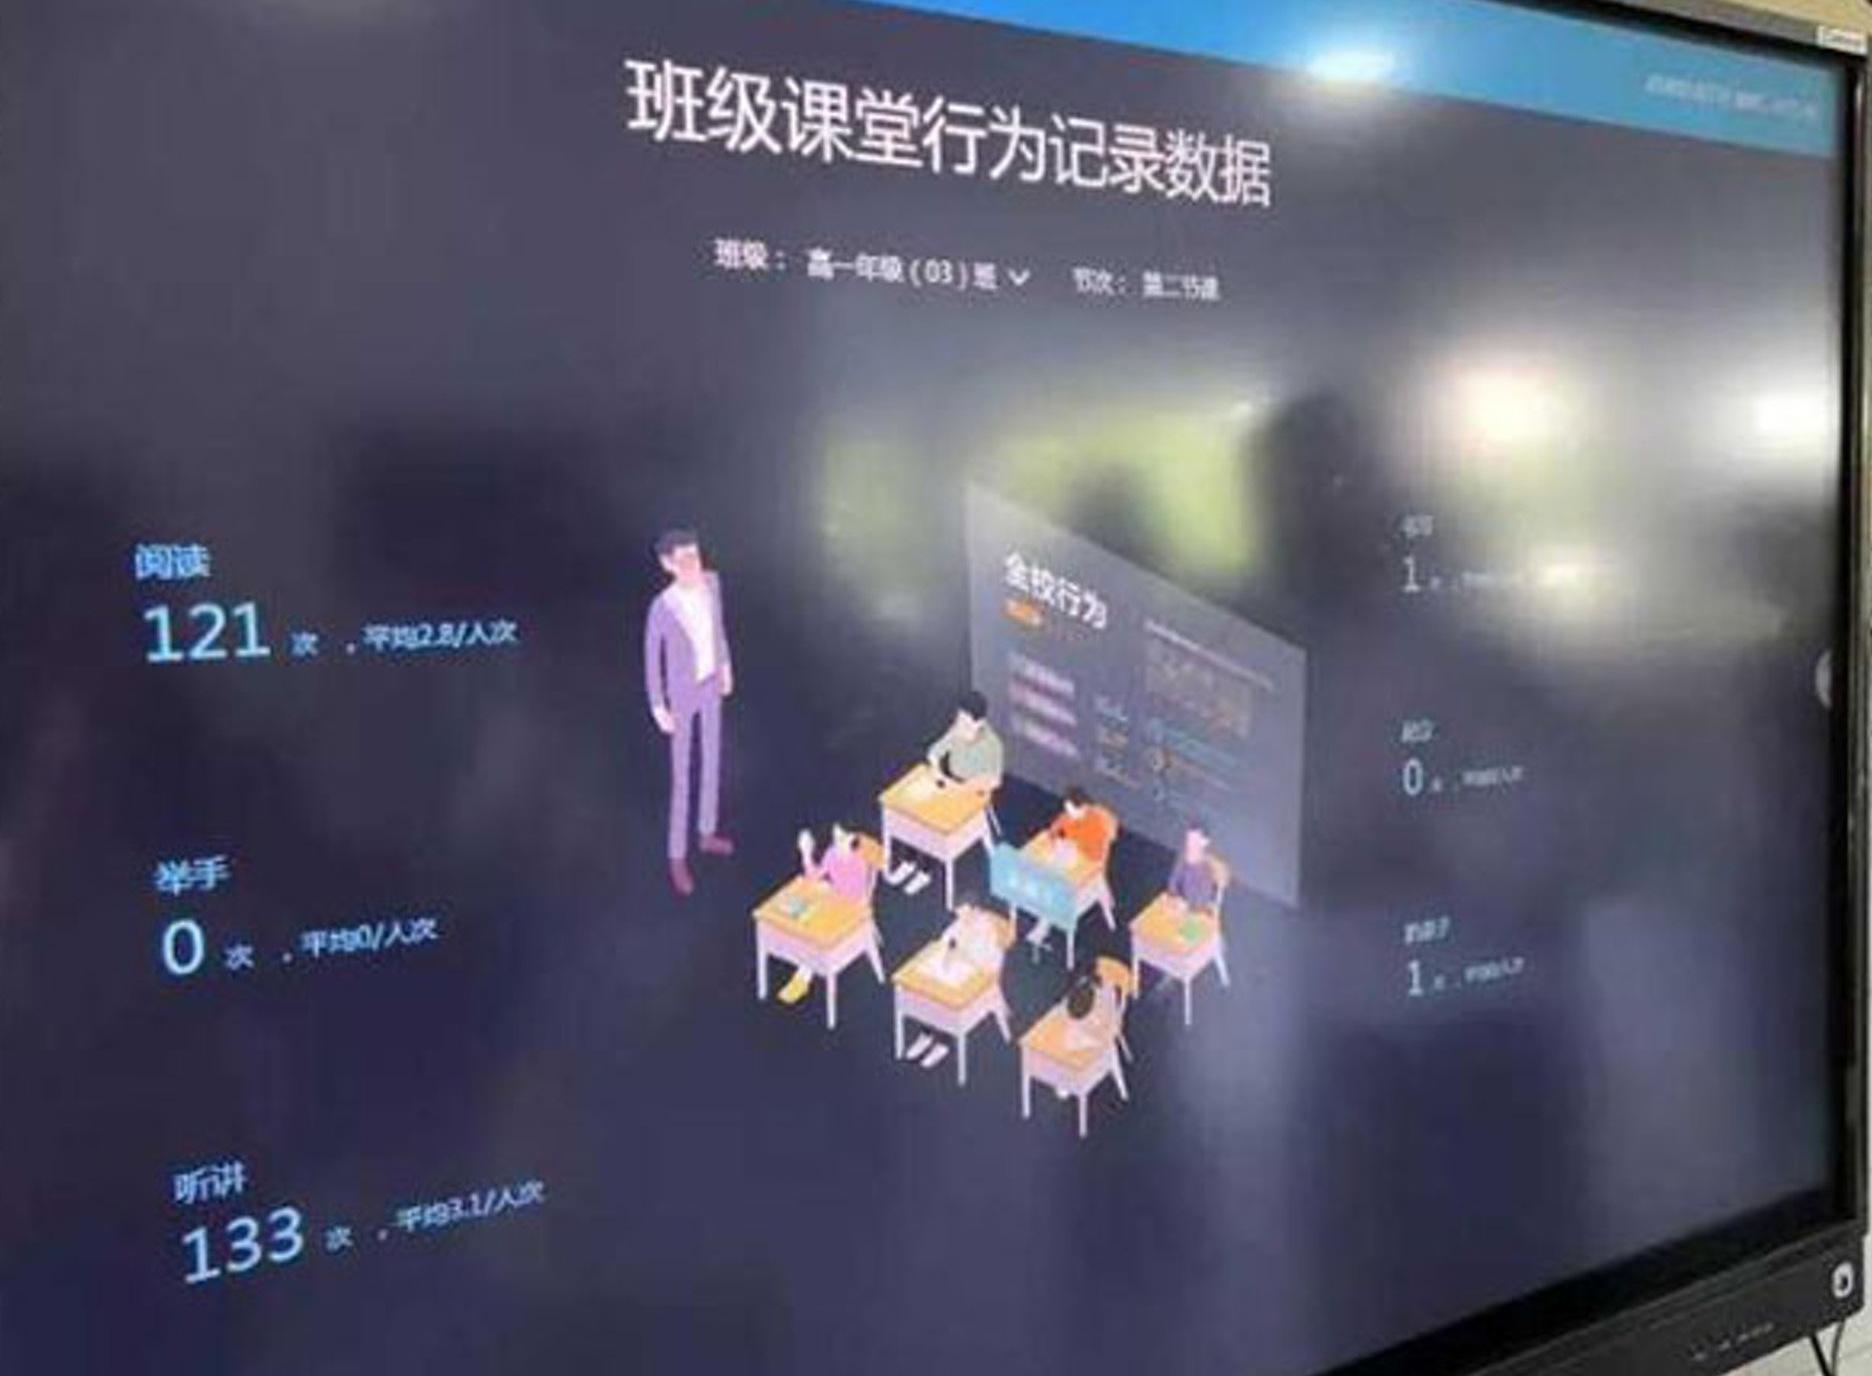 Поспати не вийде: Камери відстежуватимуть поведінку та емоції китайських школярів